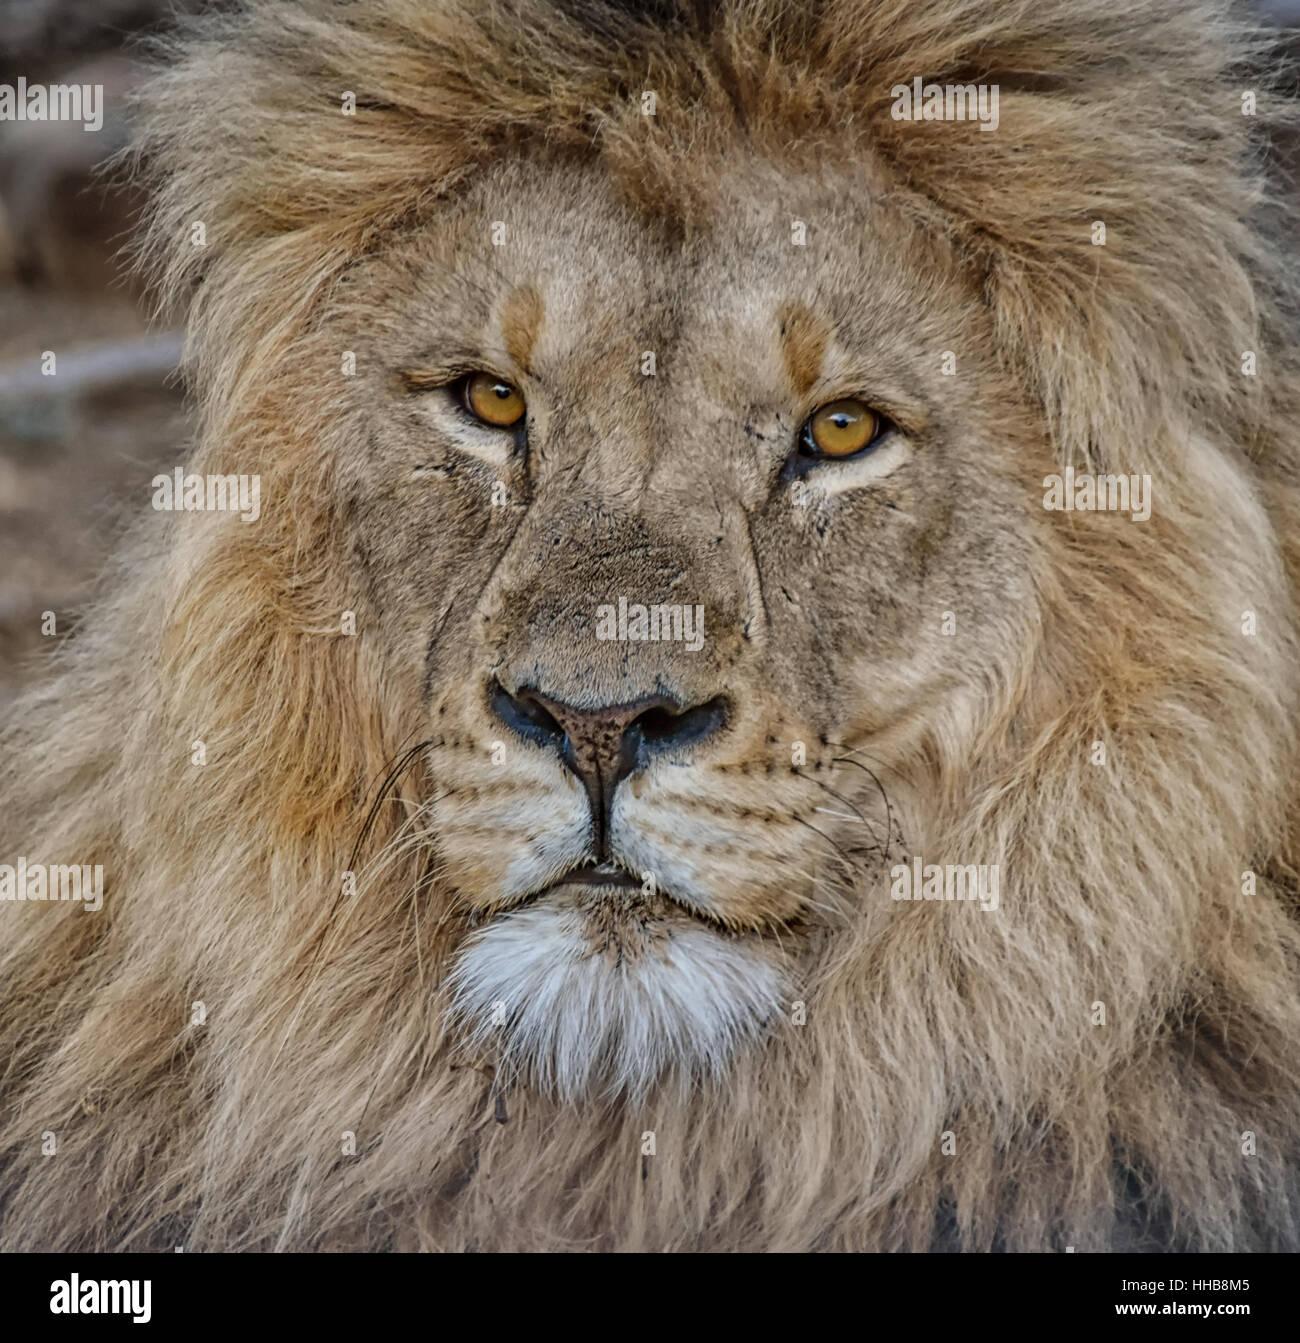 Männlicher Löwe im südlichen afrikanischen Savanne Stockfoto